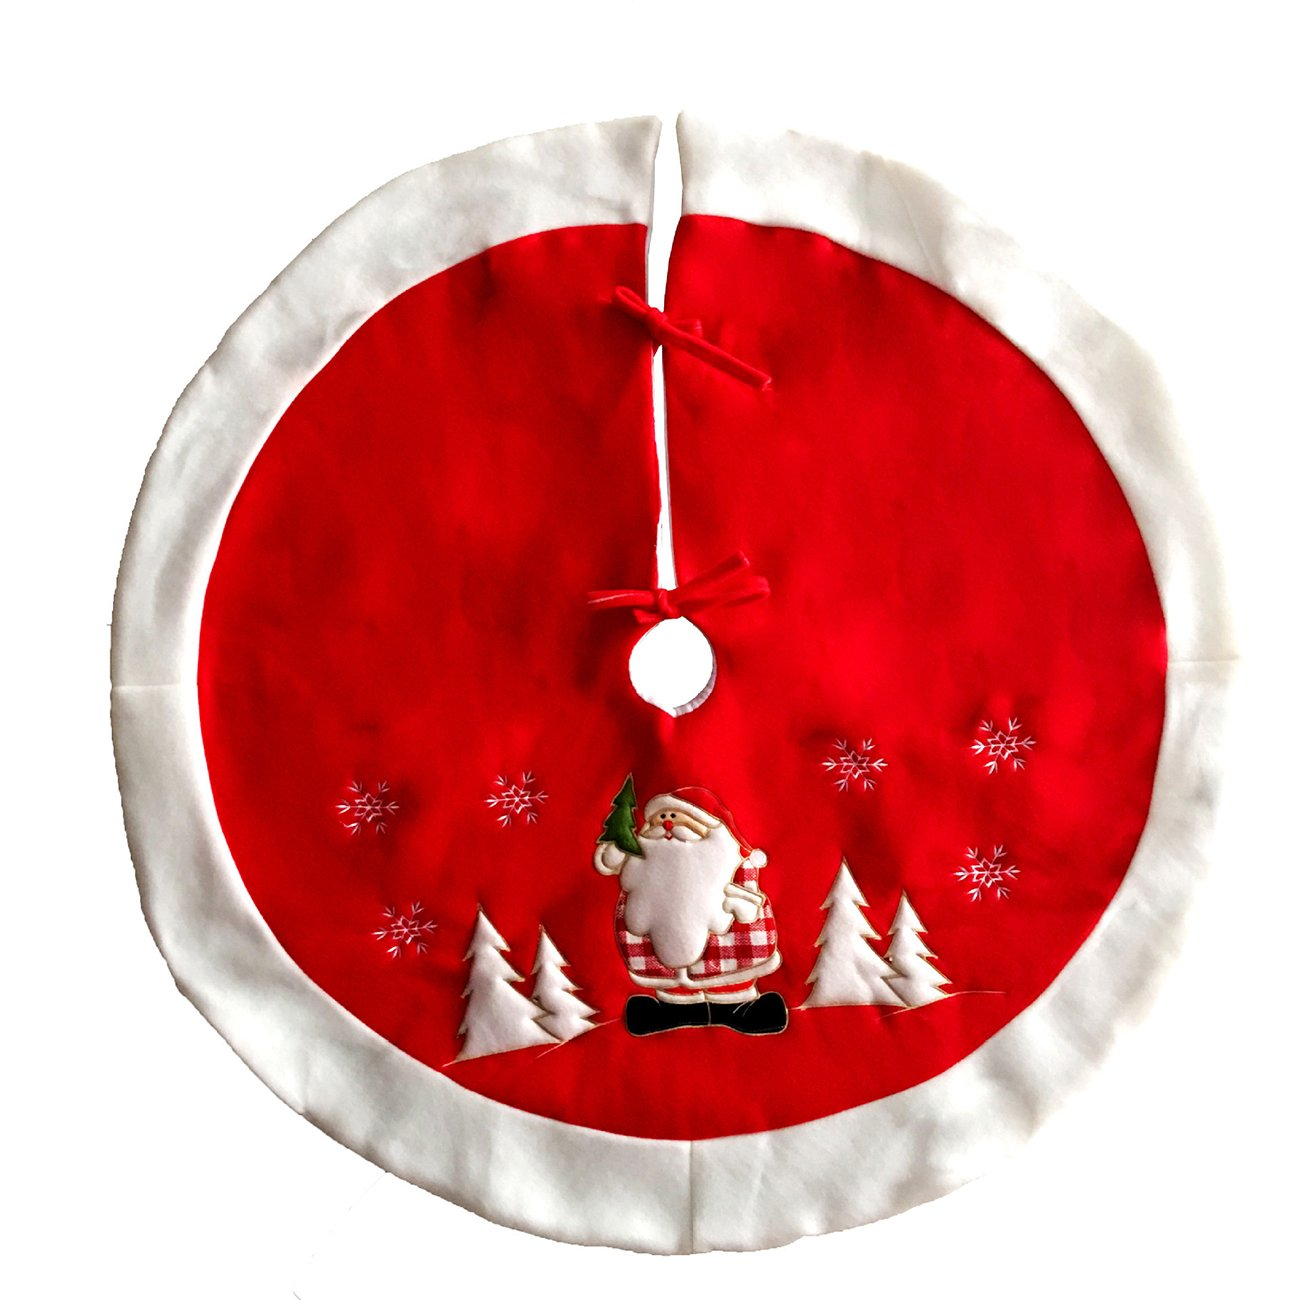 Thee Santa Claus gonne di velluto albero di Natale red 100cm